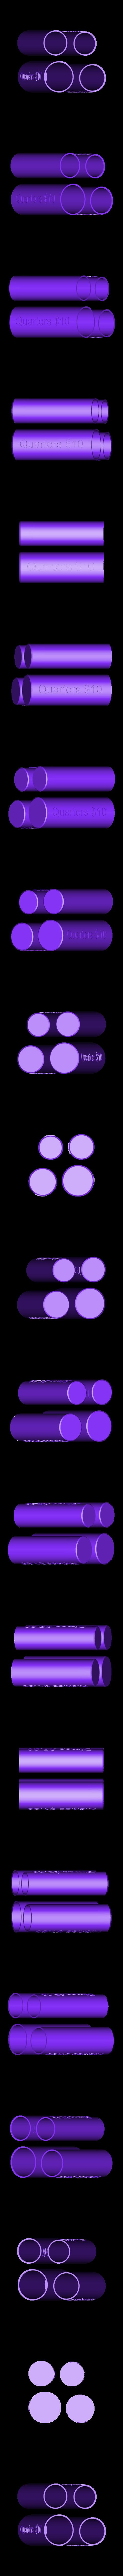 Coin_Sleeves.stl Télécharger fichier STL gratuit US Coin Sorter V2.0 • Design imprimable en 3D, PentlandDesigns